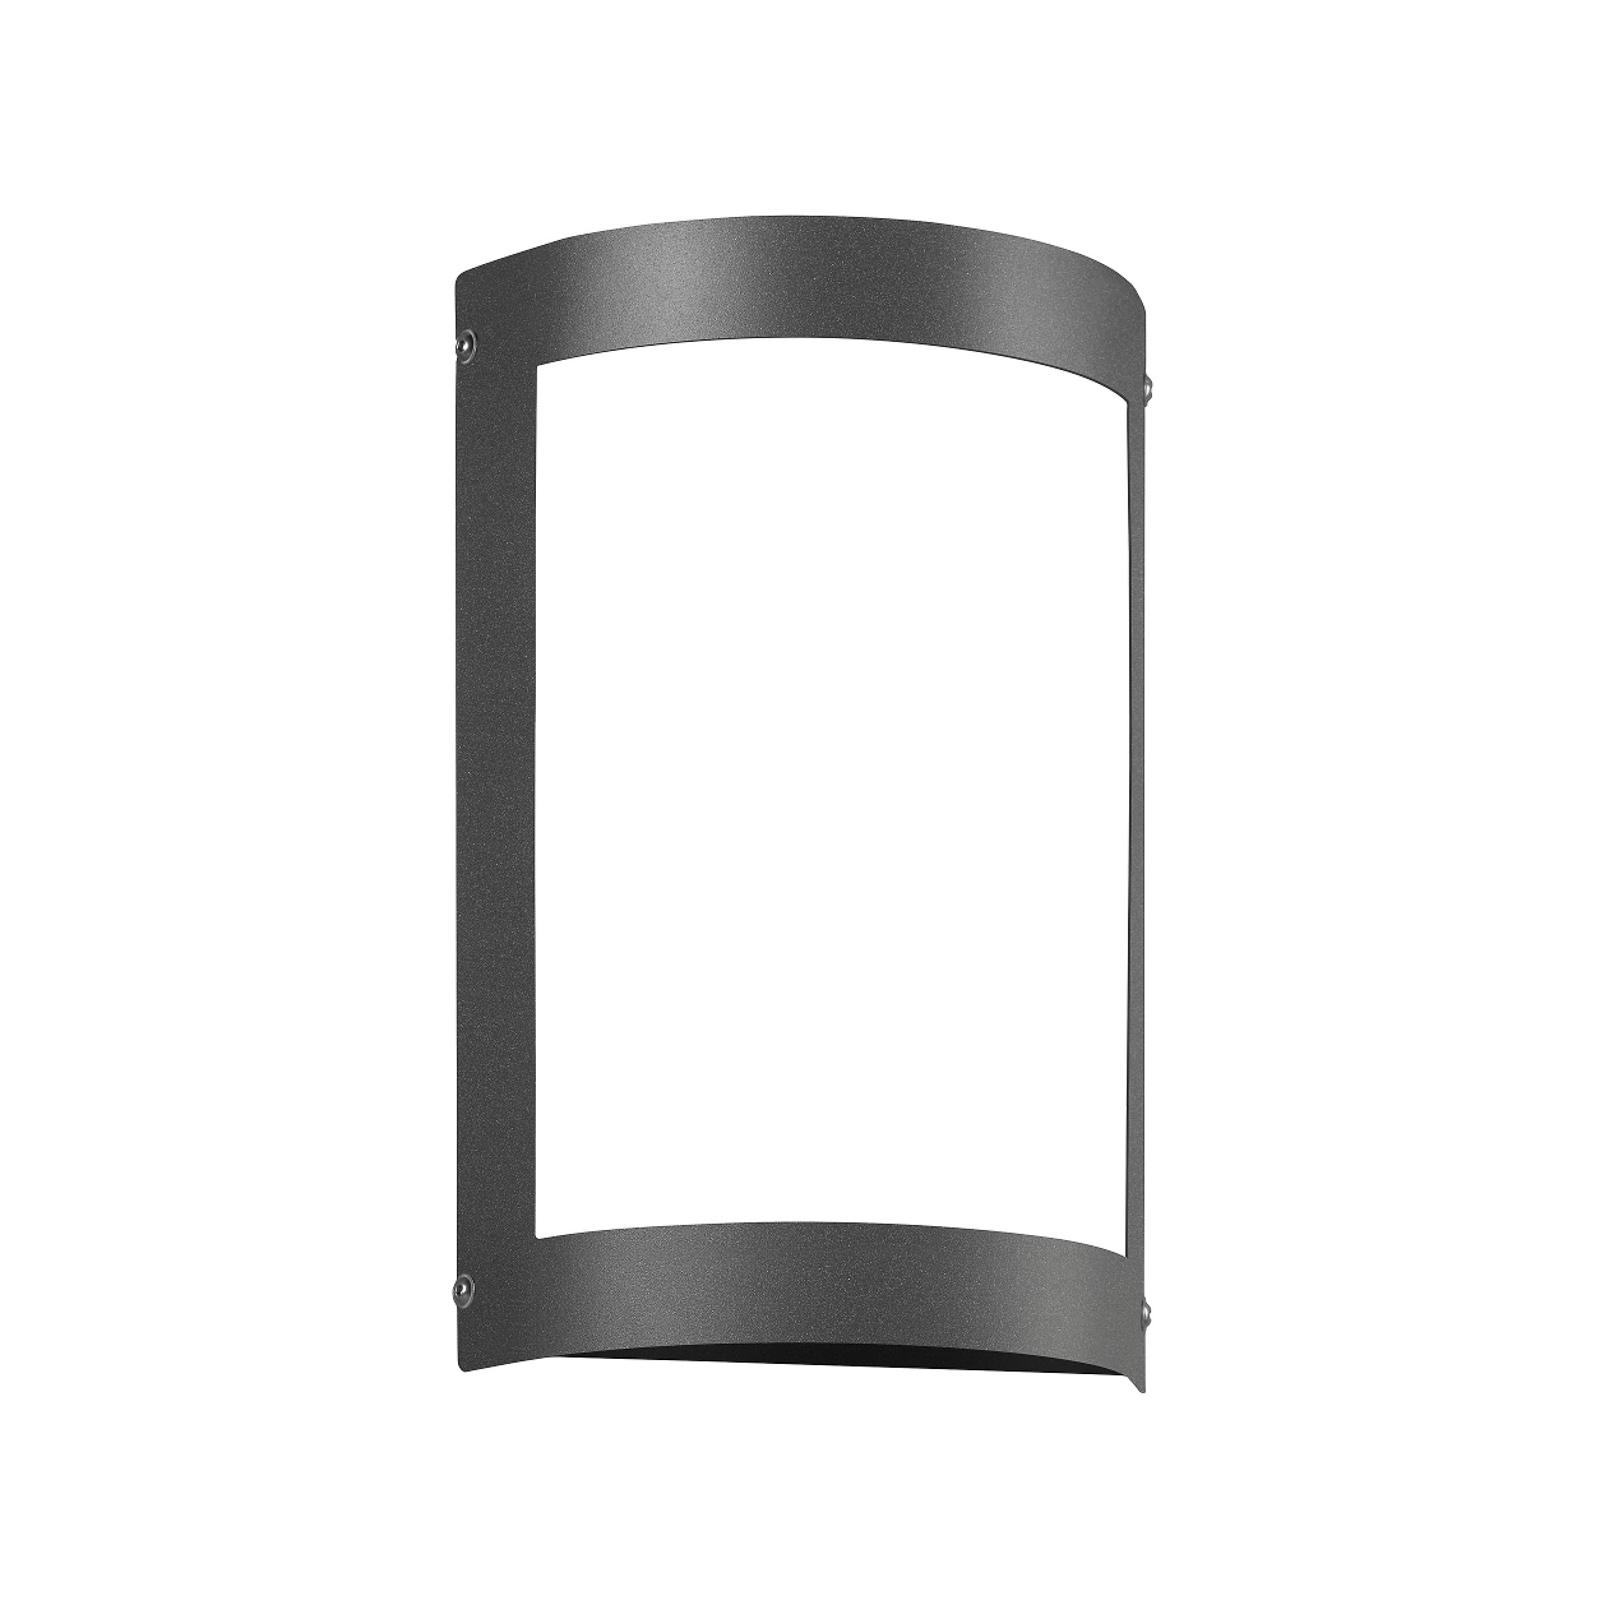 Luminaire LED à capteur Aqua Marco, anthracite